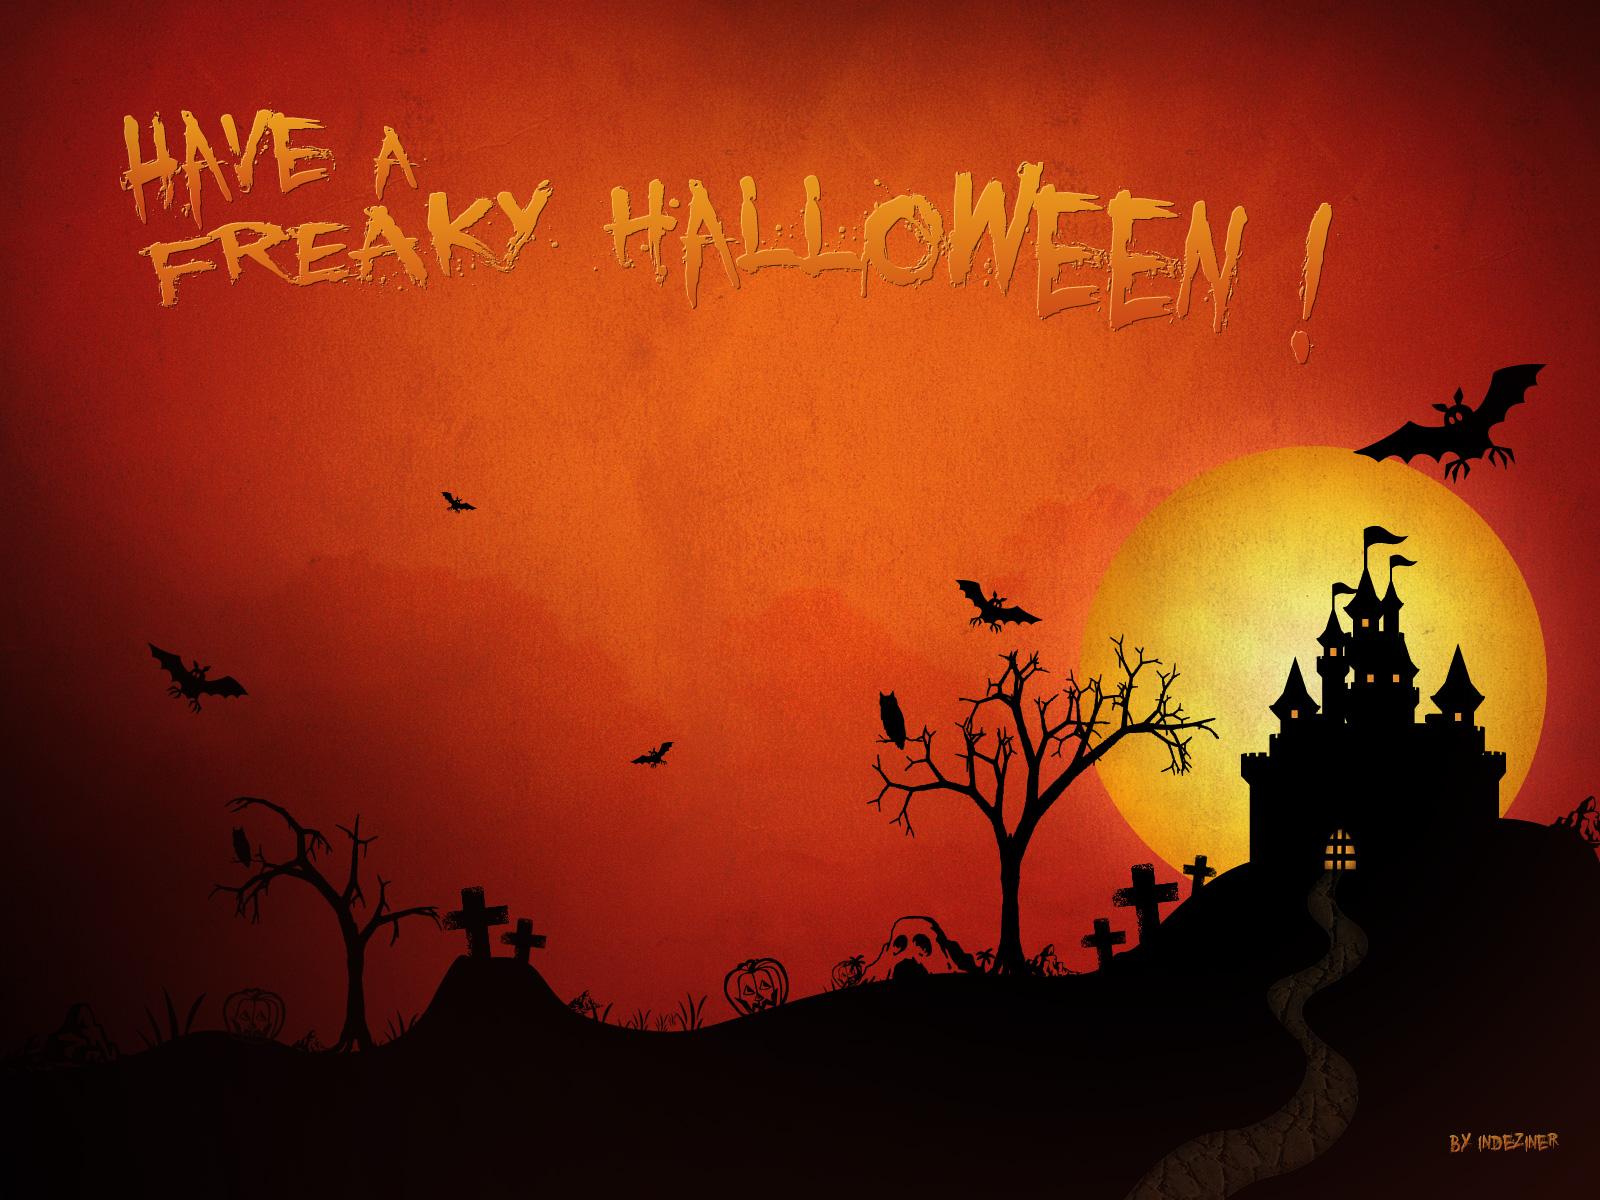 Wallpapers Vampires Halloween Online   HQ Wallpapers   Desktop 1600x1200